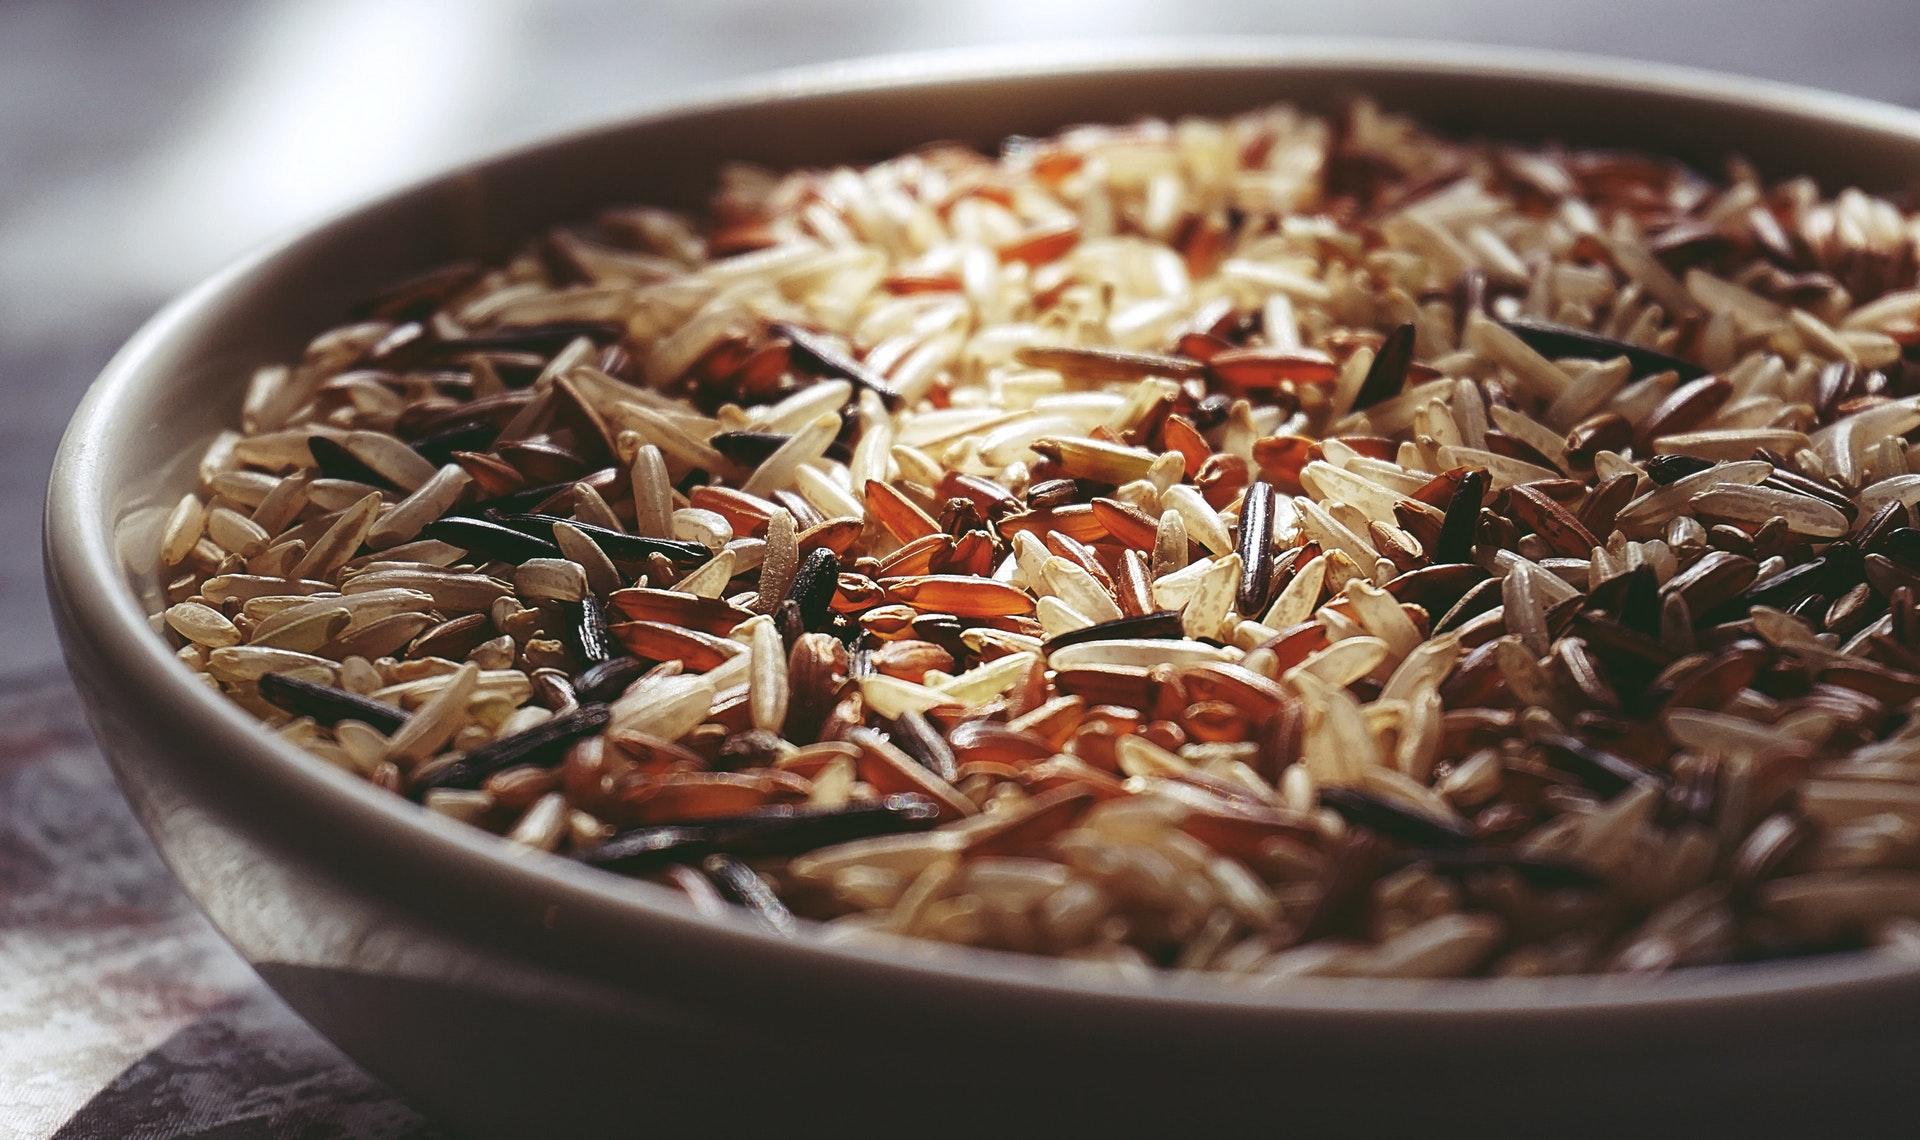 Alimentation: de l'arsenic et du plomb dans certains produits à base de riz